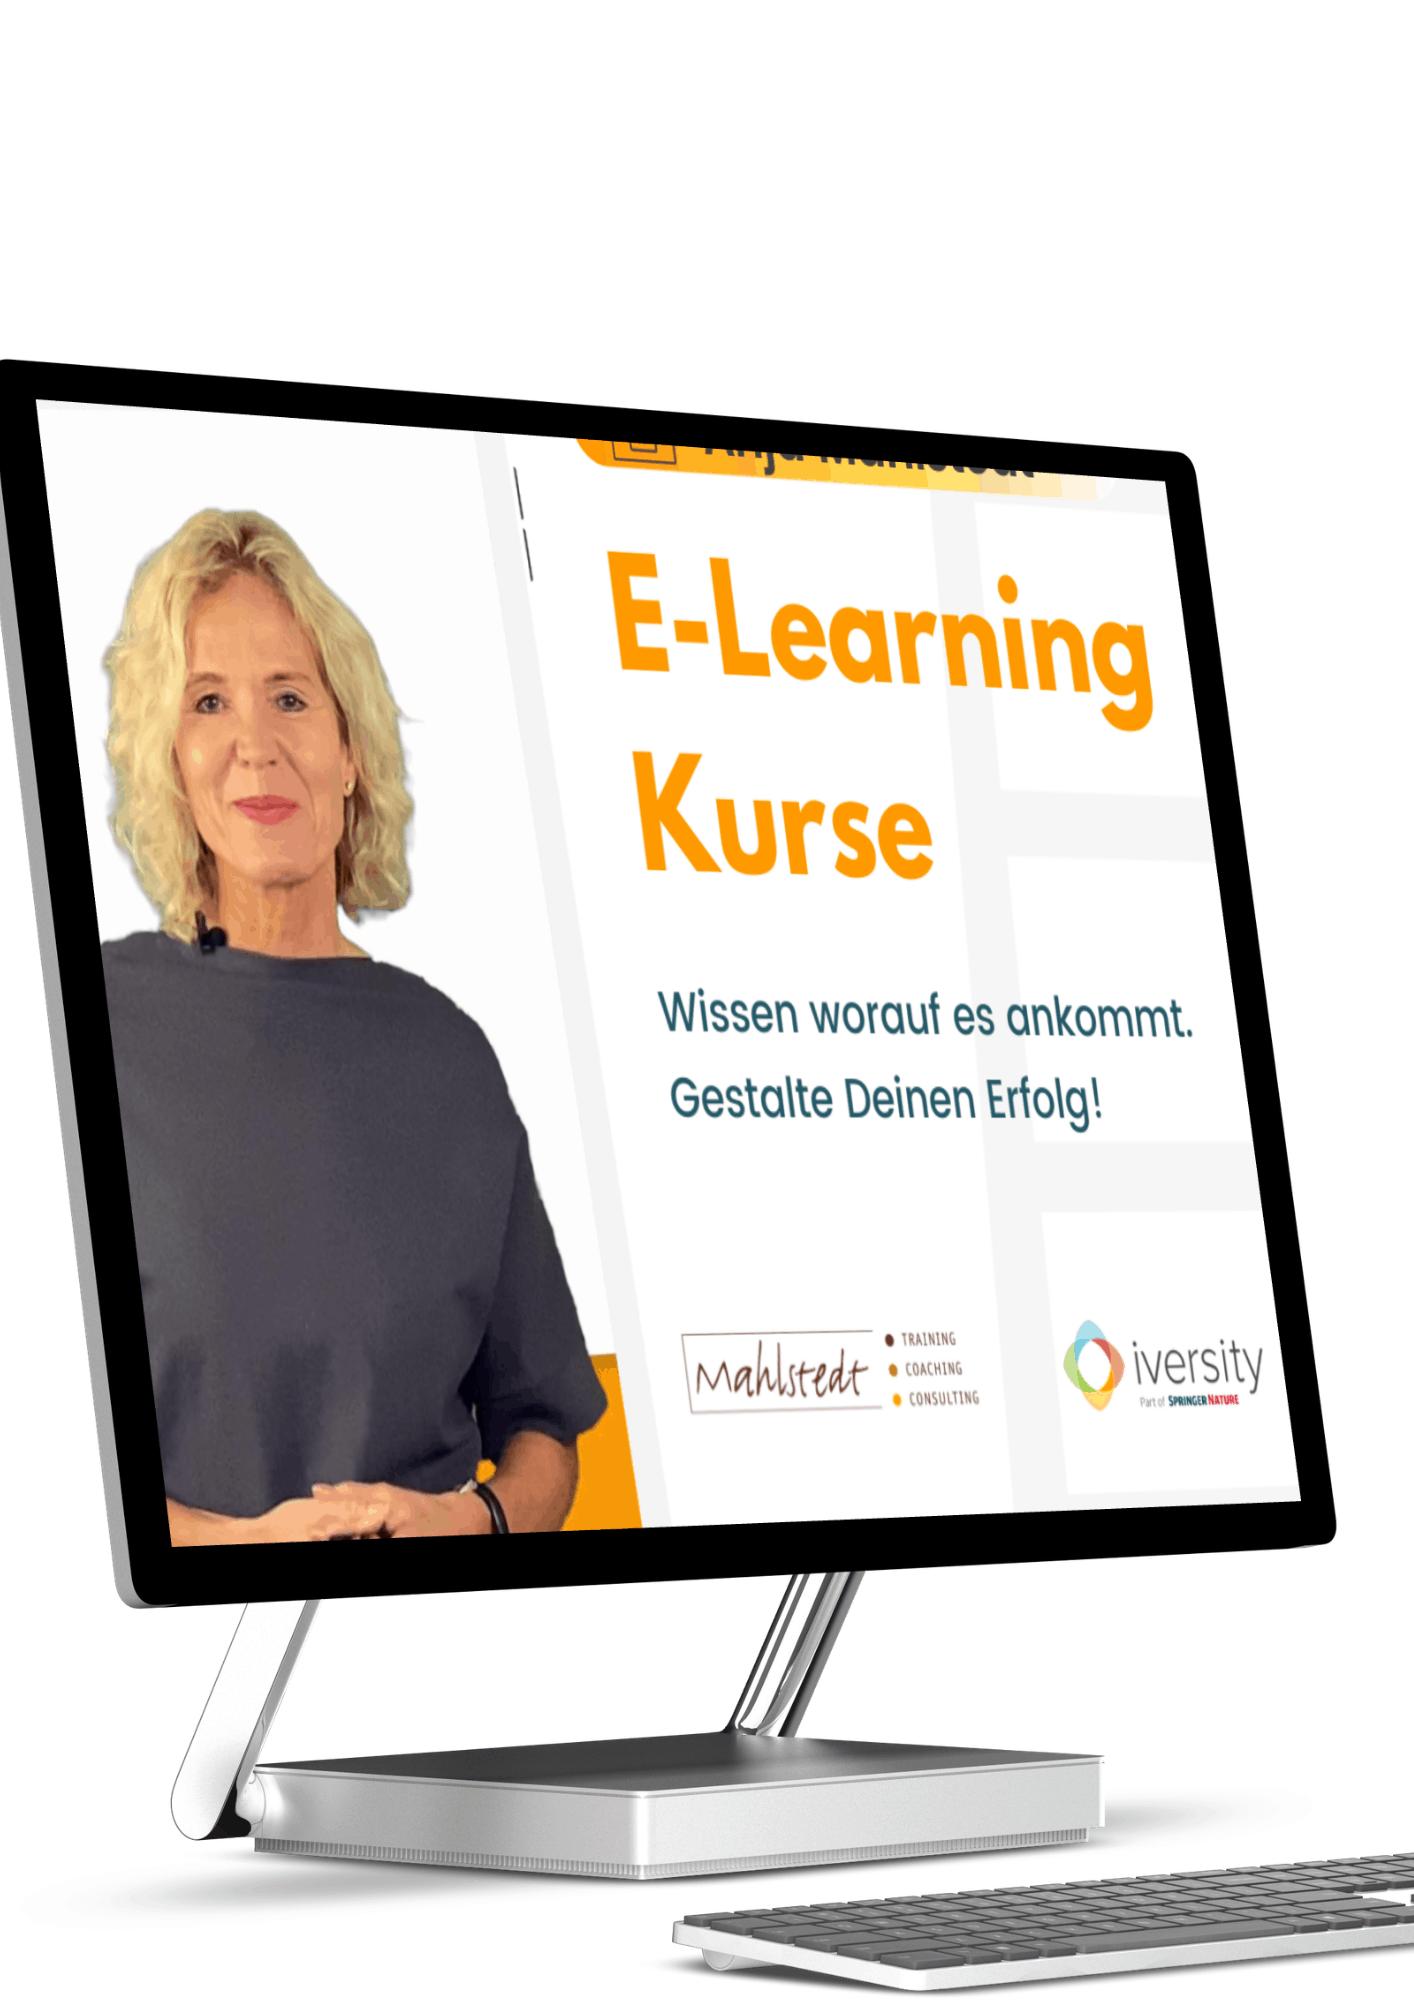 E-Learningkurse Anja Mahlstedt in Kooperation  mit Inversity